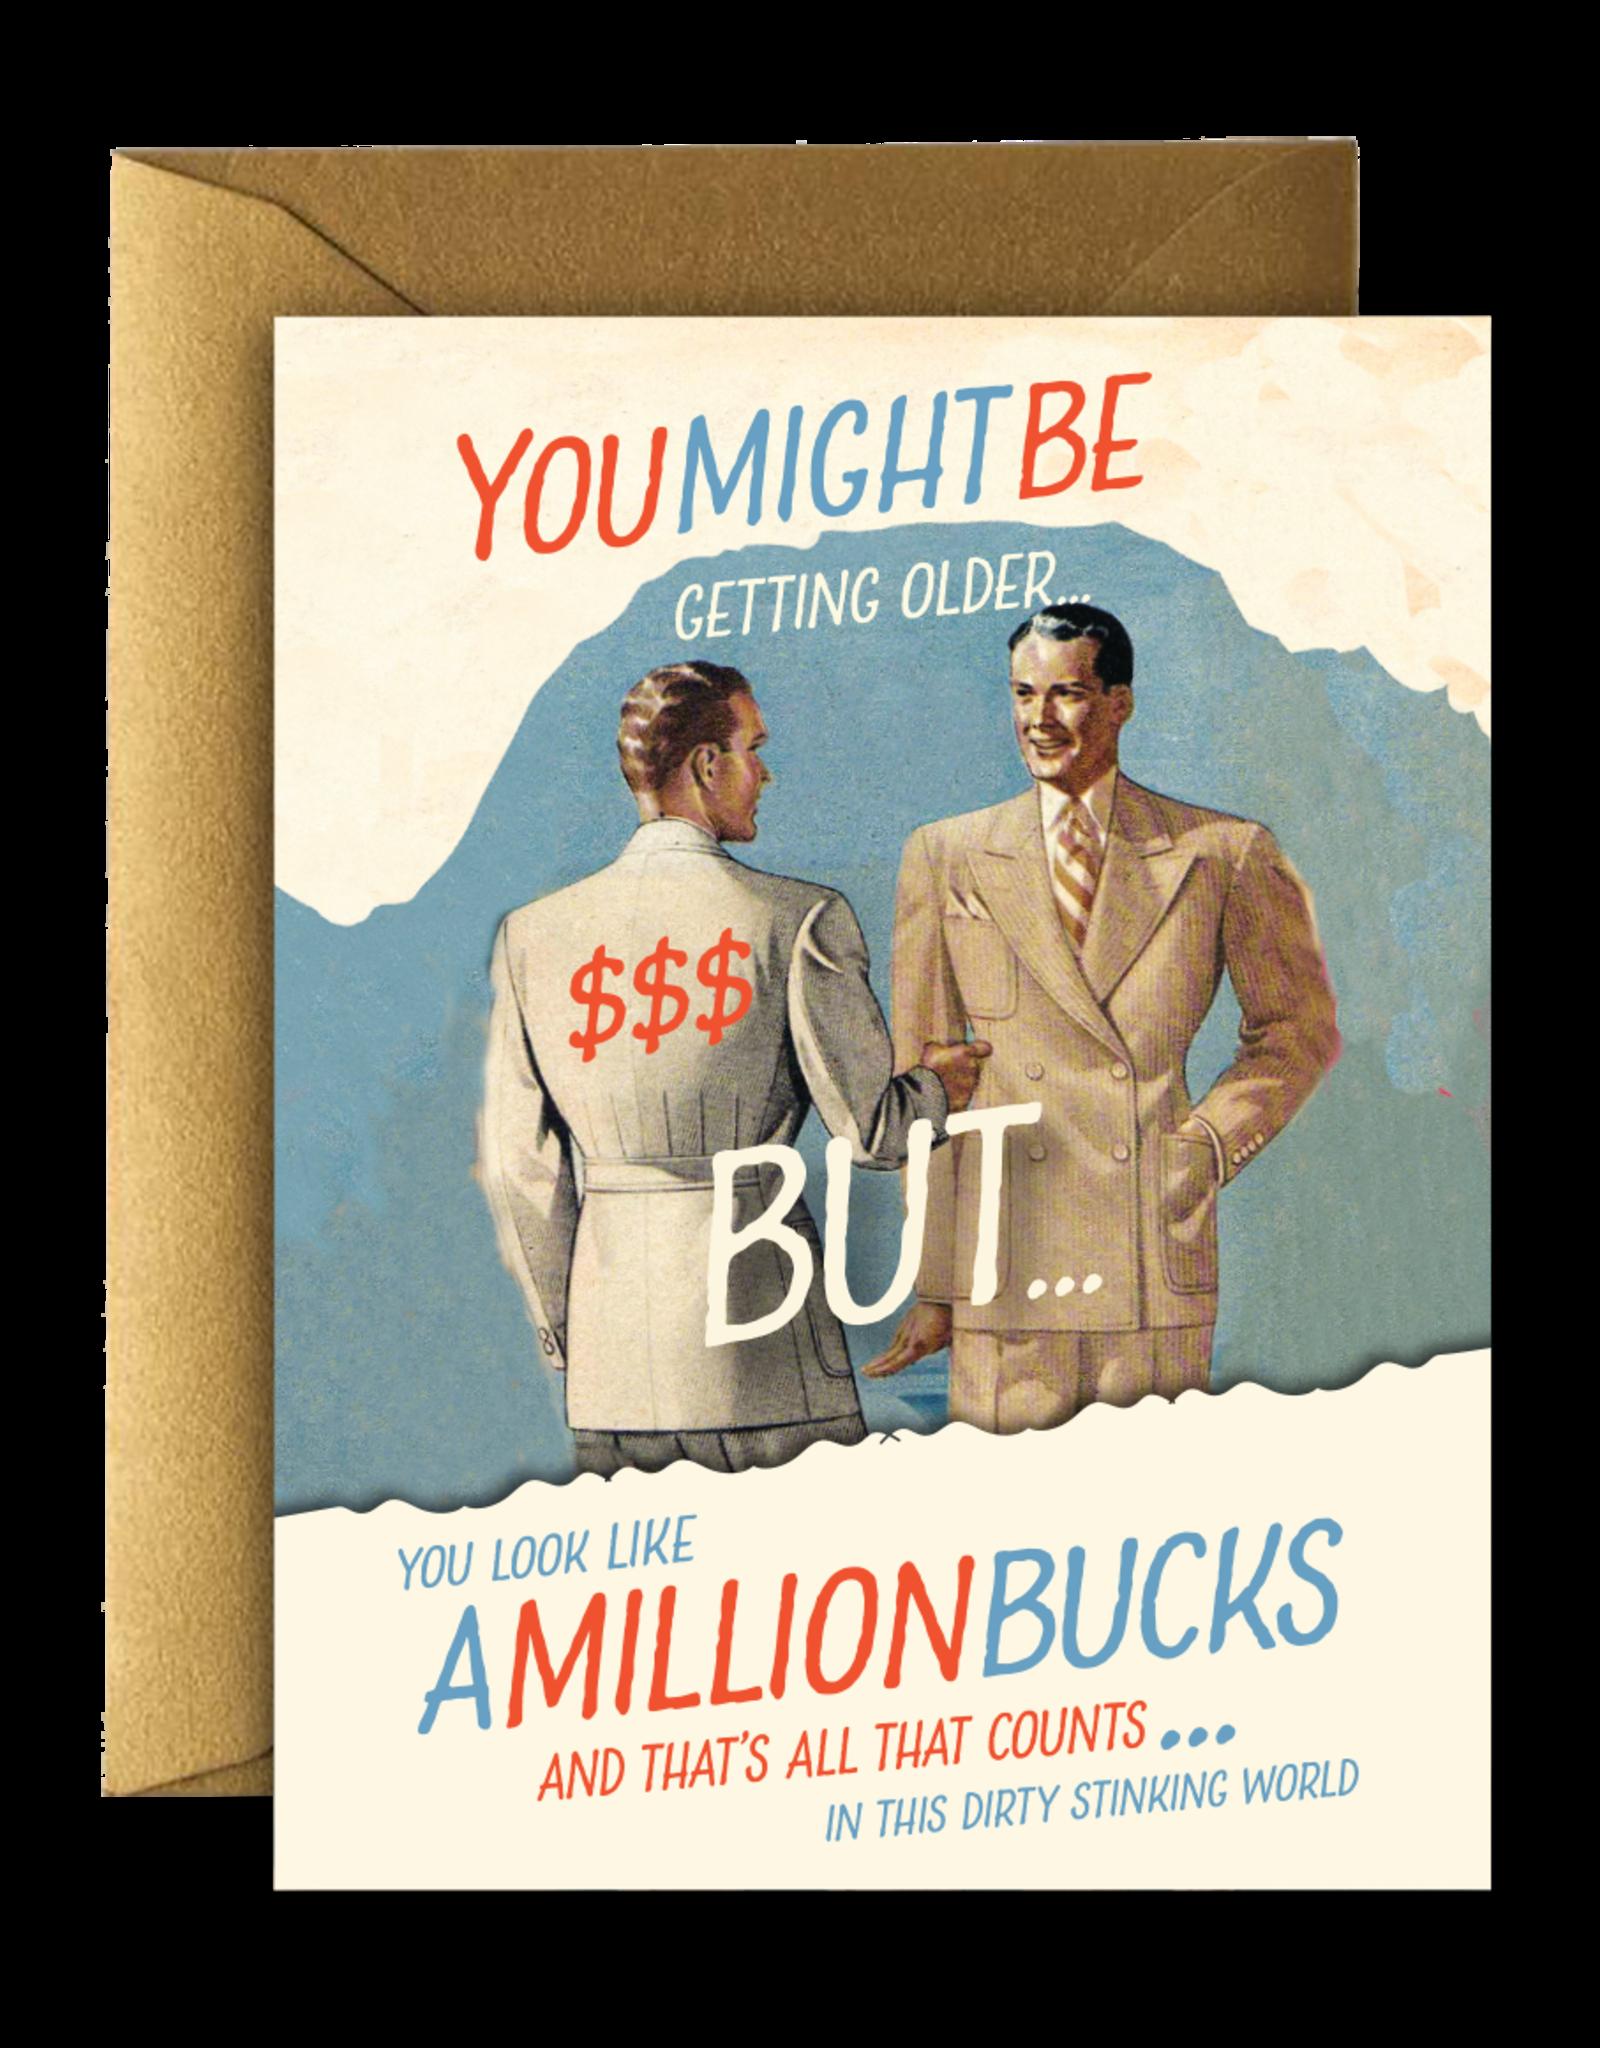 MILLION BUCKS BIRTHDAY CARD